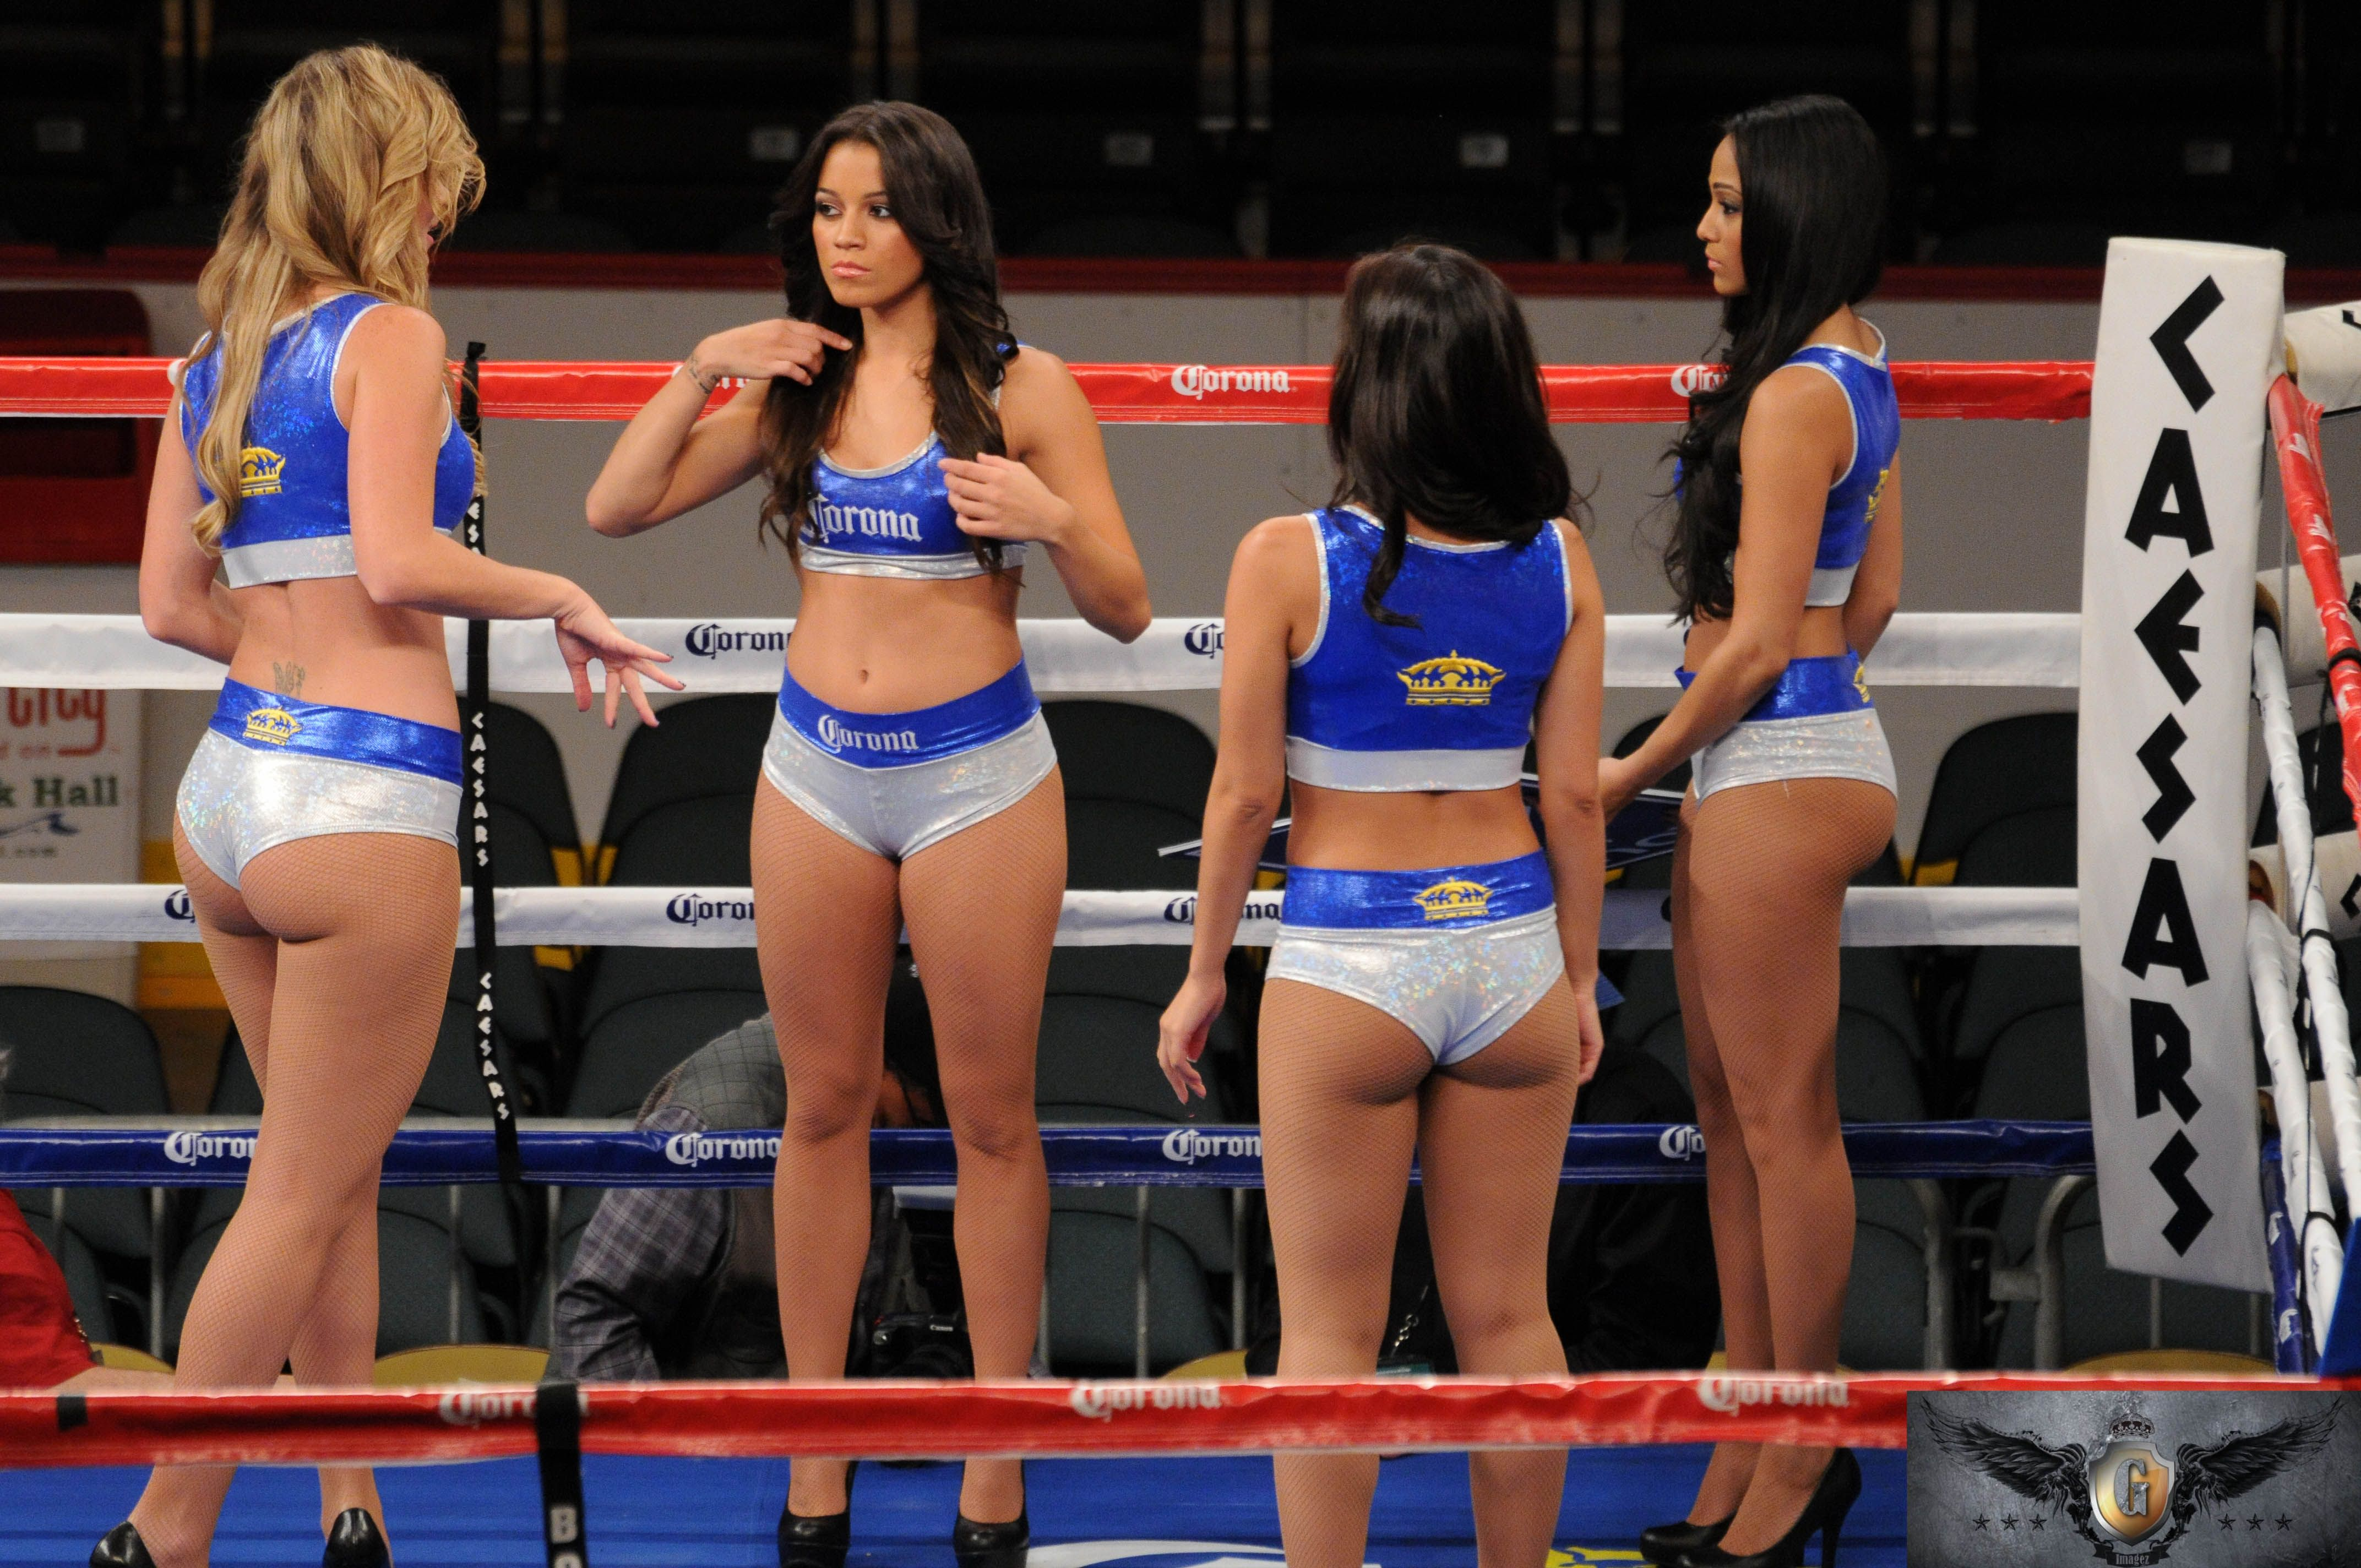 all nude puerto rican women